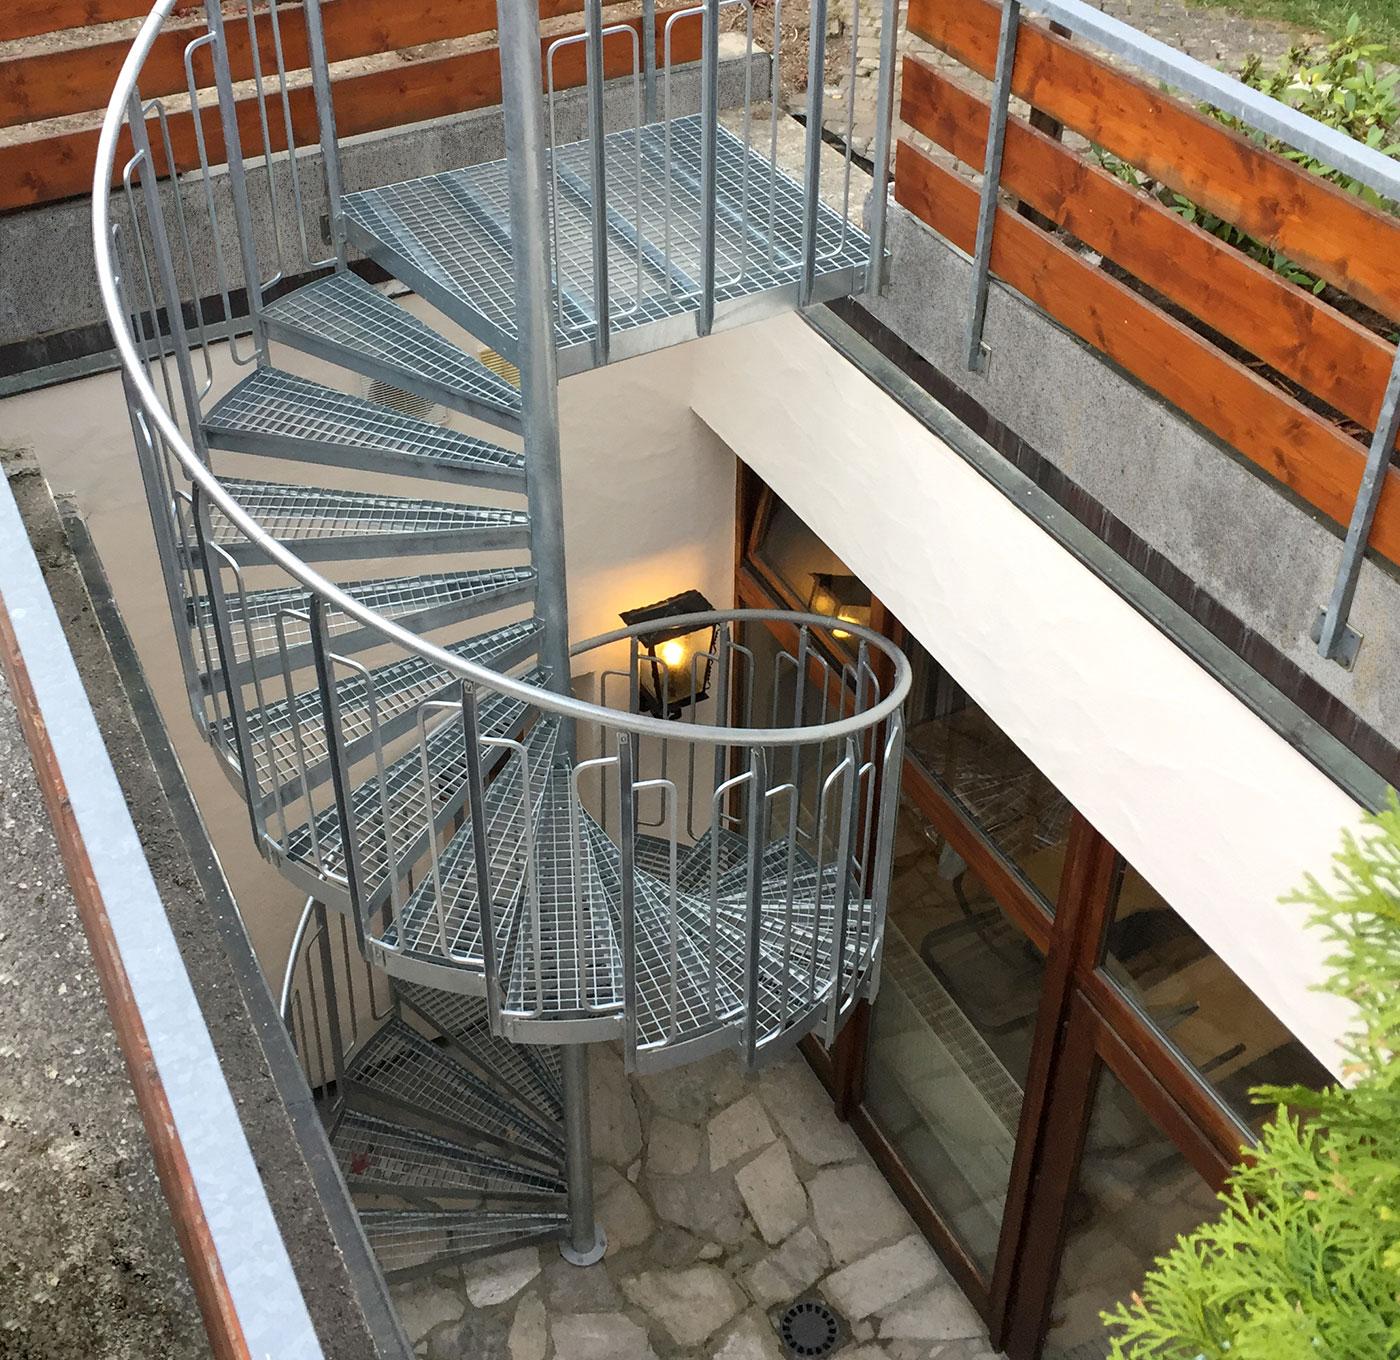 Eurostair spiraltrappa källare